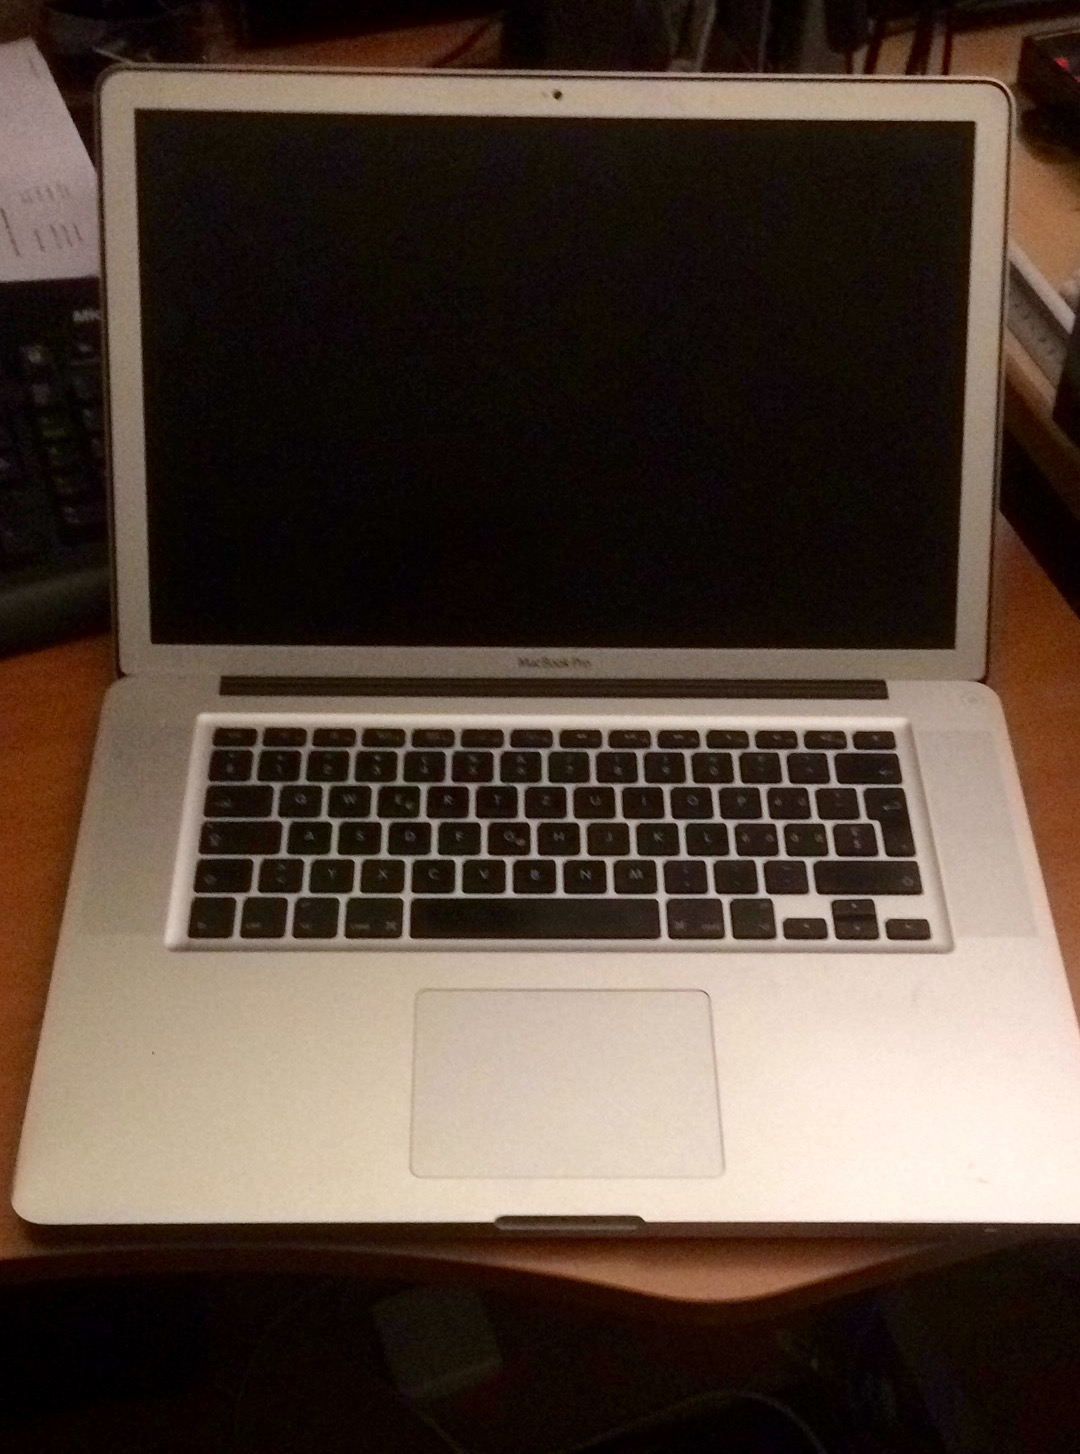 Mac Book Pro verkauft